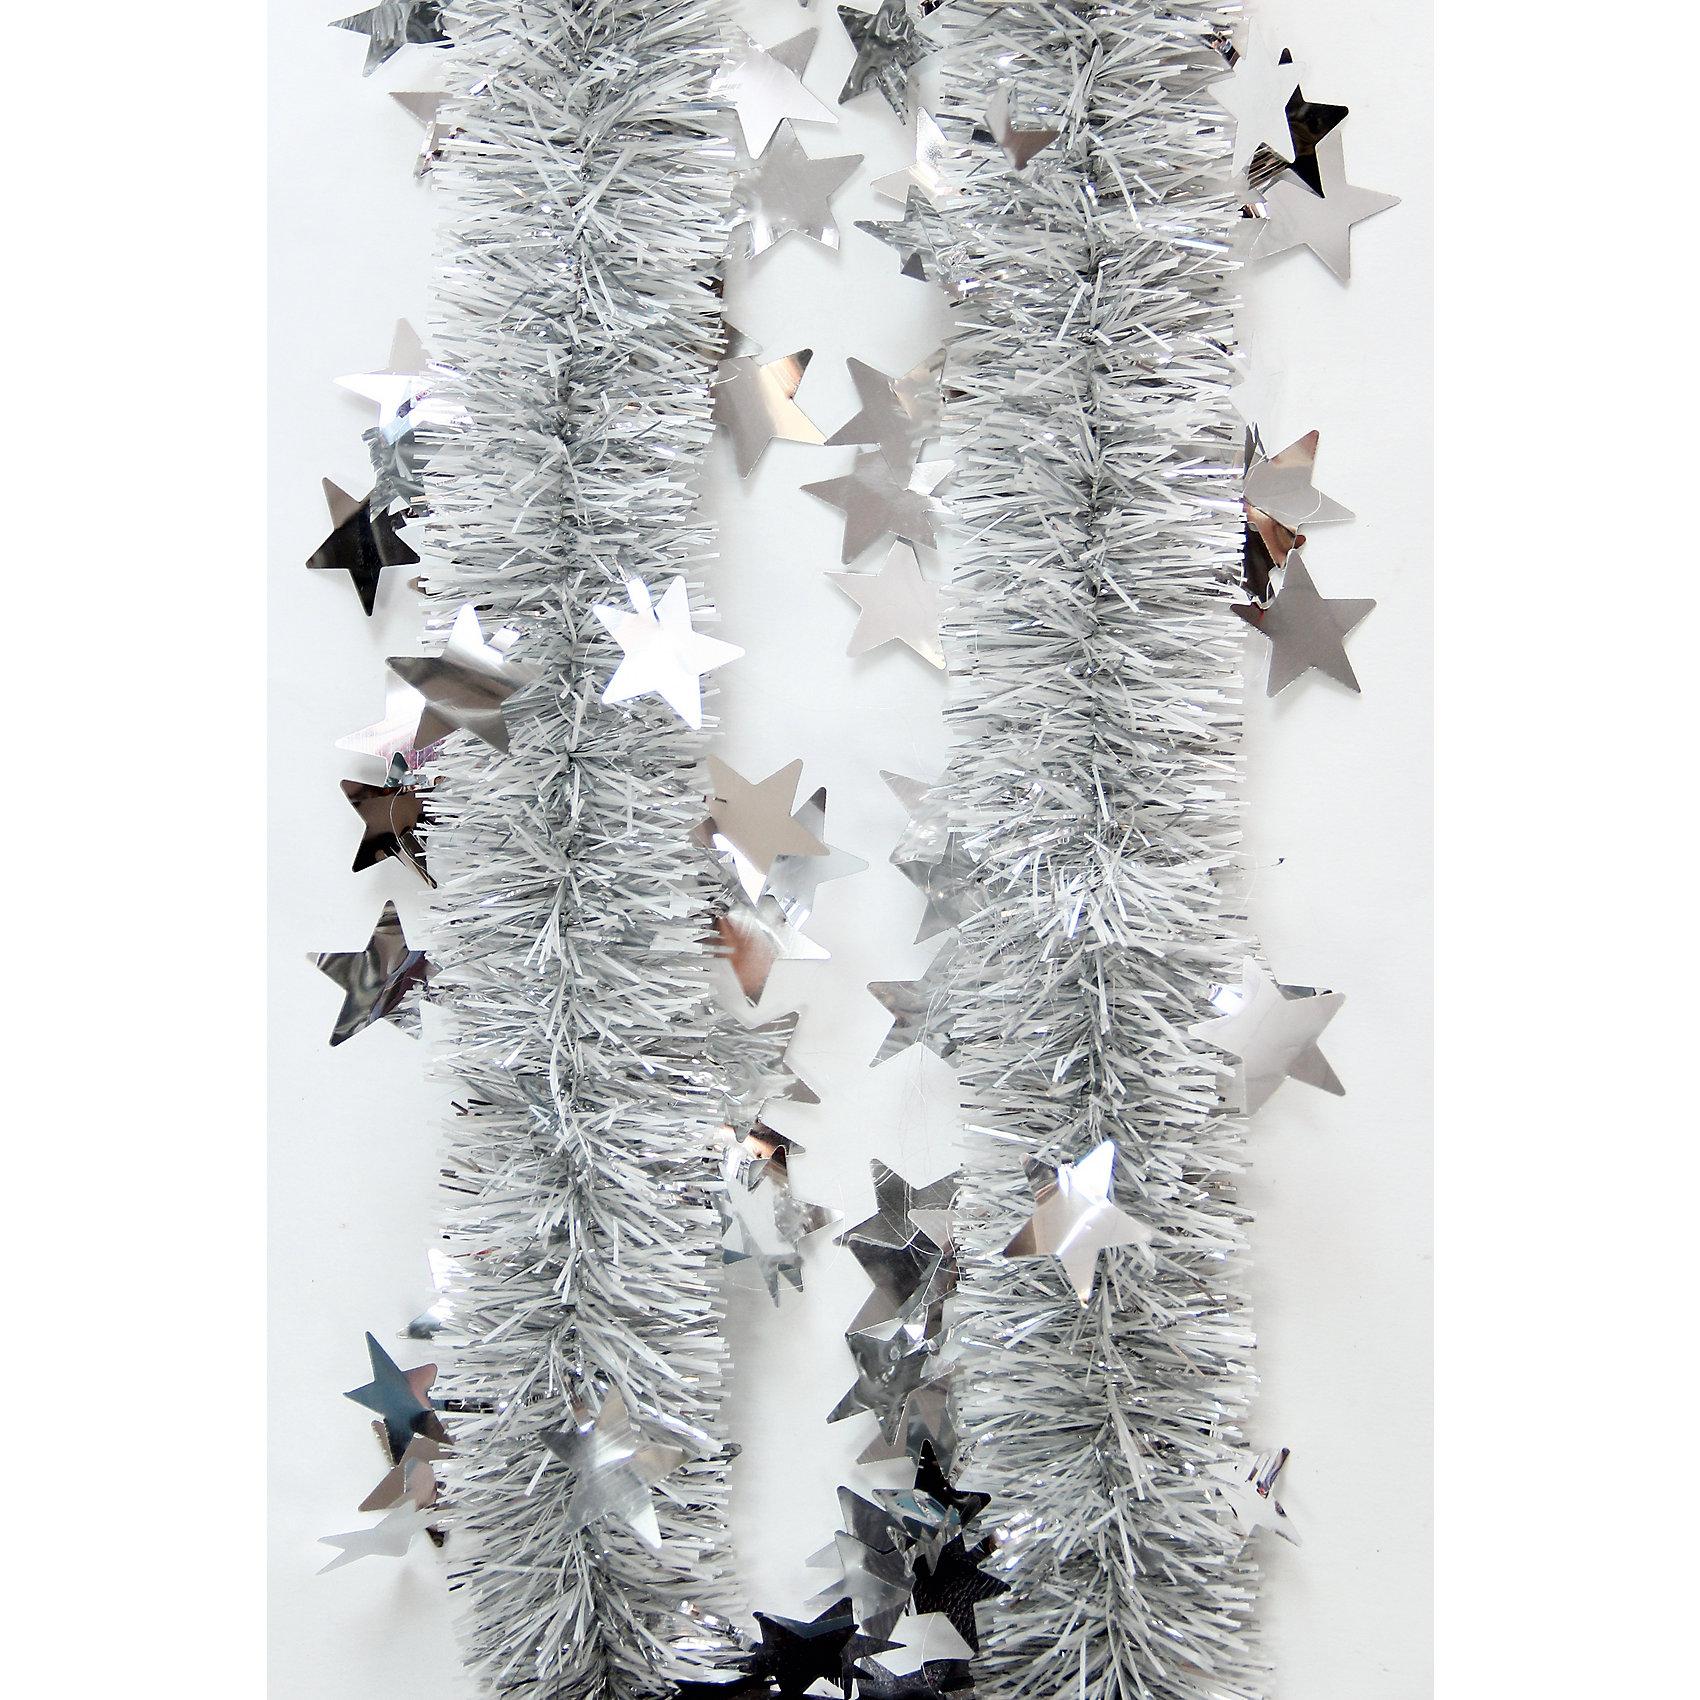 Мишура Серебро 6*200 смВсё для праздника<br>Мишура Серебро 6*200 см – этот новогодний аксессуар принесет в ваш дом ни с чем несравнимое ощущение праздника!<br>Пушистая новогодняя мишура серебристого цвета, декорированная звездочками, поможет вам украсить свой дом к предстоящим праздникам. Мишурой можно украсить все, что угодно - елку, квартиру, дачу, офис - как внутри, так и снаружи. Можно сложить новогодние поздравления, буквы и цифры, дополнить гирлянды, выделить дверные колонны или оплести дверные проемы. Искрящаяся мишура создаст множество ярких бликов, наполнит дом атмосферой волшебства и магии!<br><br>Дополнительная информация:<br><br>- Размер: 6х200 см.<br>- Материал: ПЭТ (полиэтилентерефталат)<br>- Цвет: серебристый<br><br>Мишуру Серебро 6*200 см можно купить в нашем интернет-магазине.<br><br>Ширина мм: 100<br>Глубина мм: 100<br>Высота мм: 60<br>Вес г: 610<br>Возраст от месяцев: 36<br>Возраст до месяцев: 2147483647<br>Пол: Унисекс<br>Возраст: Детский<br>SKU: 4981506